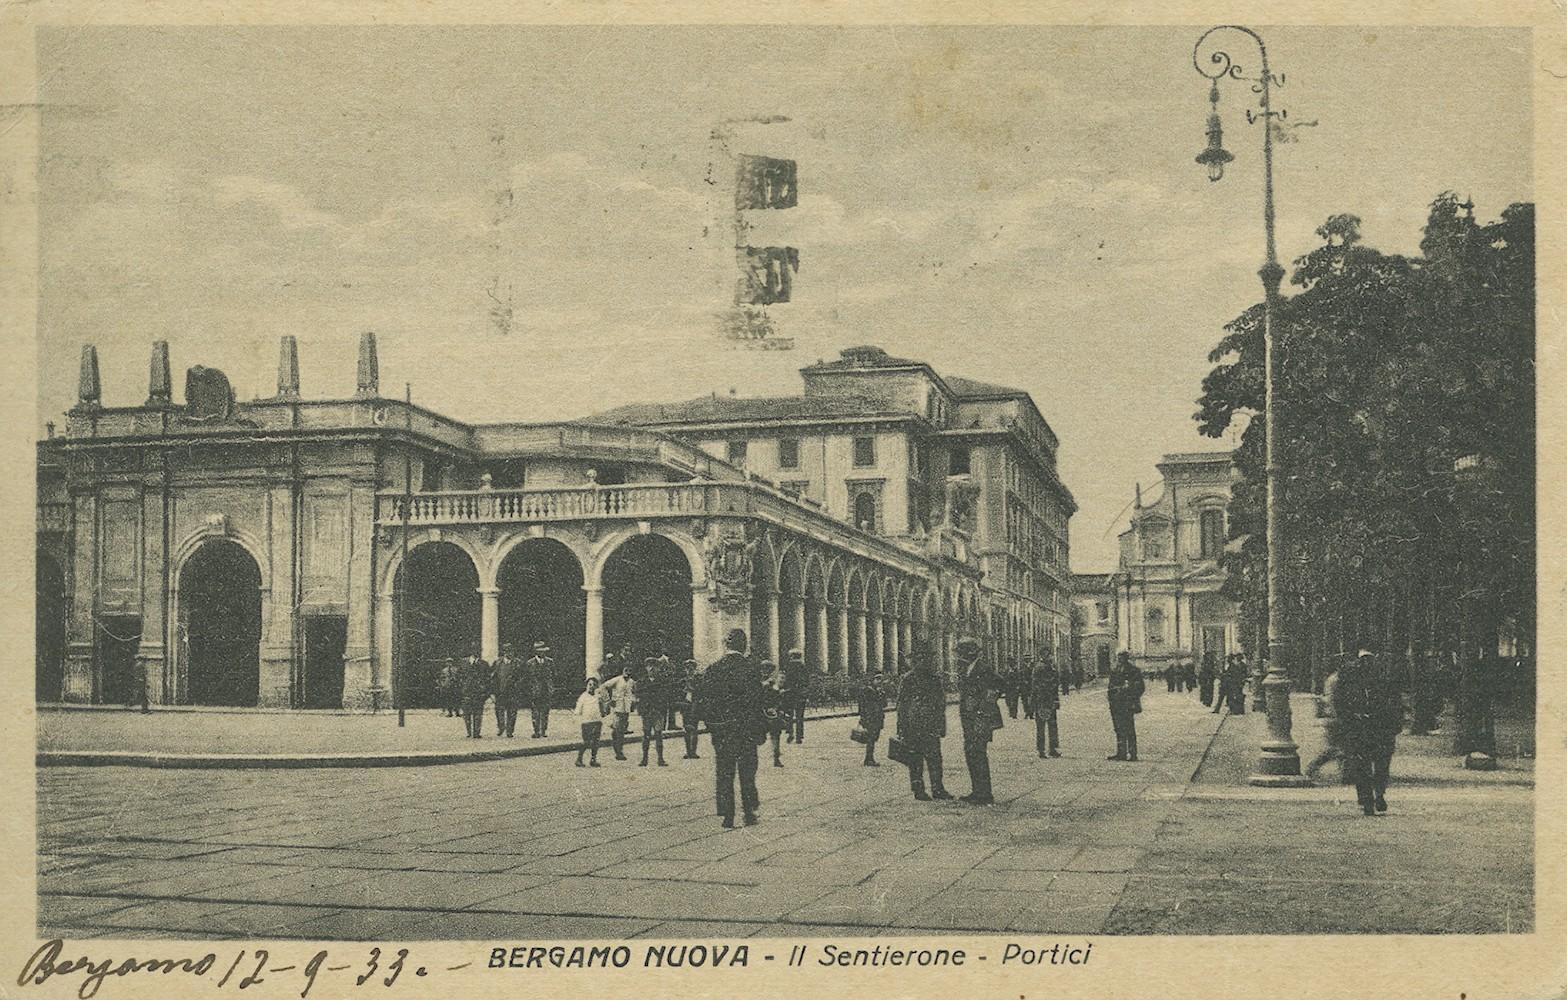 Bergamo, Sentierone e portici, cartolina storica, 1933